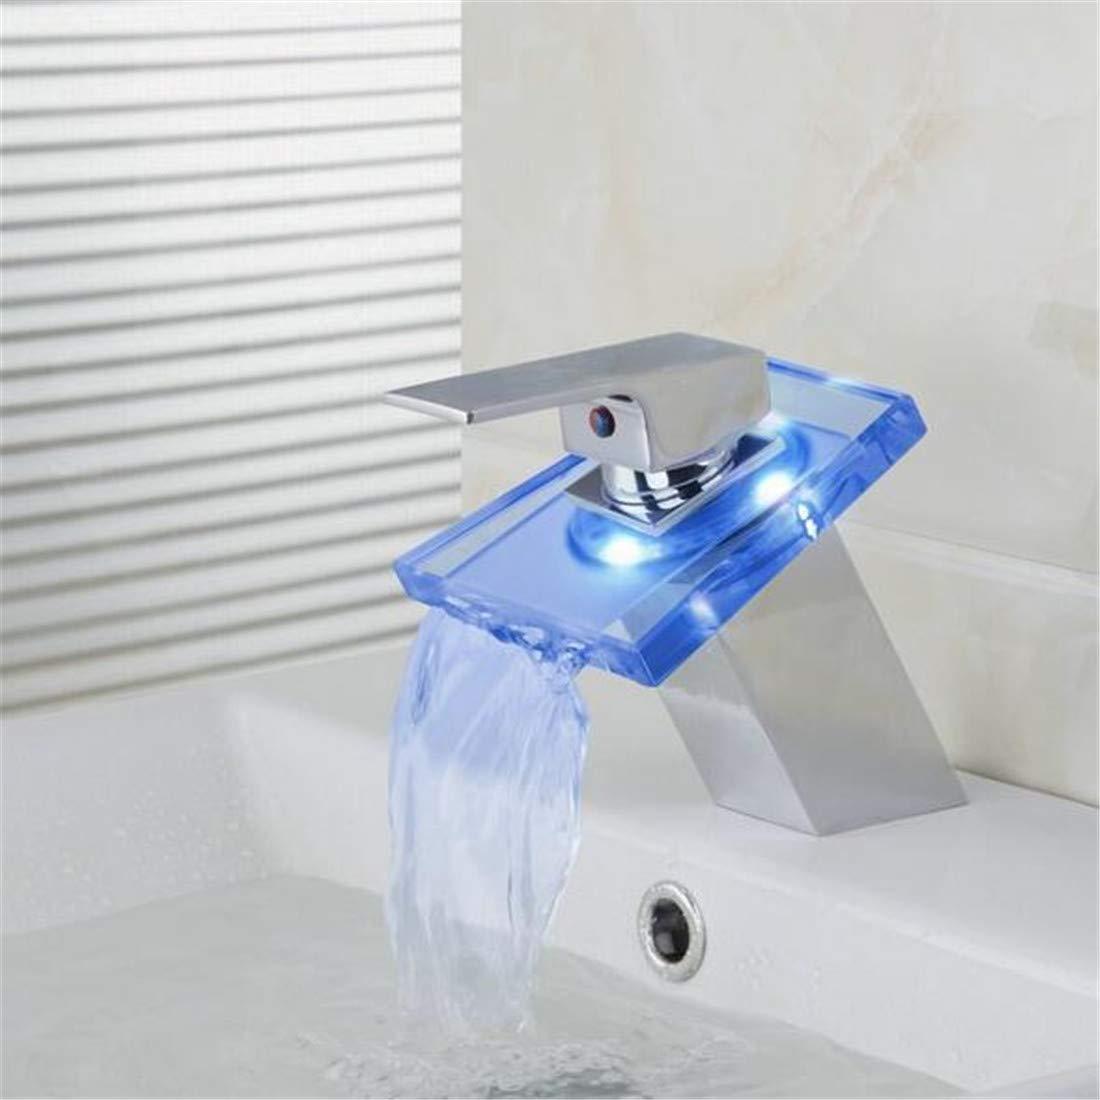 Mischbatterie Brause Drehbar Bad Spültischwasserfall Bad Becken Mischbatterie Wasserhahn Chrom Poliert Messing Chrom Badarmaturen Mischbatterien